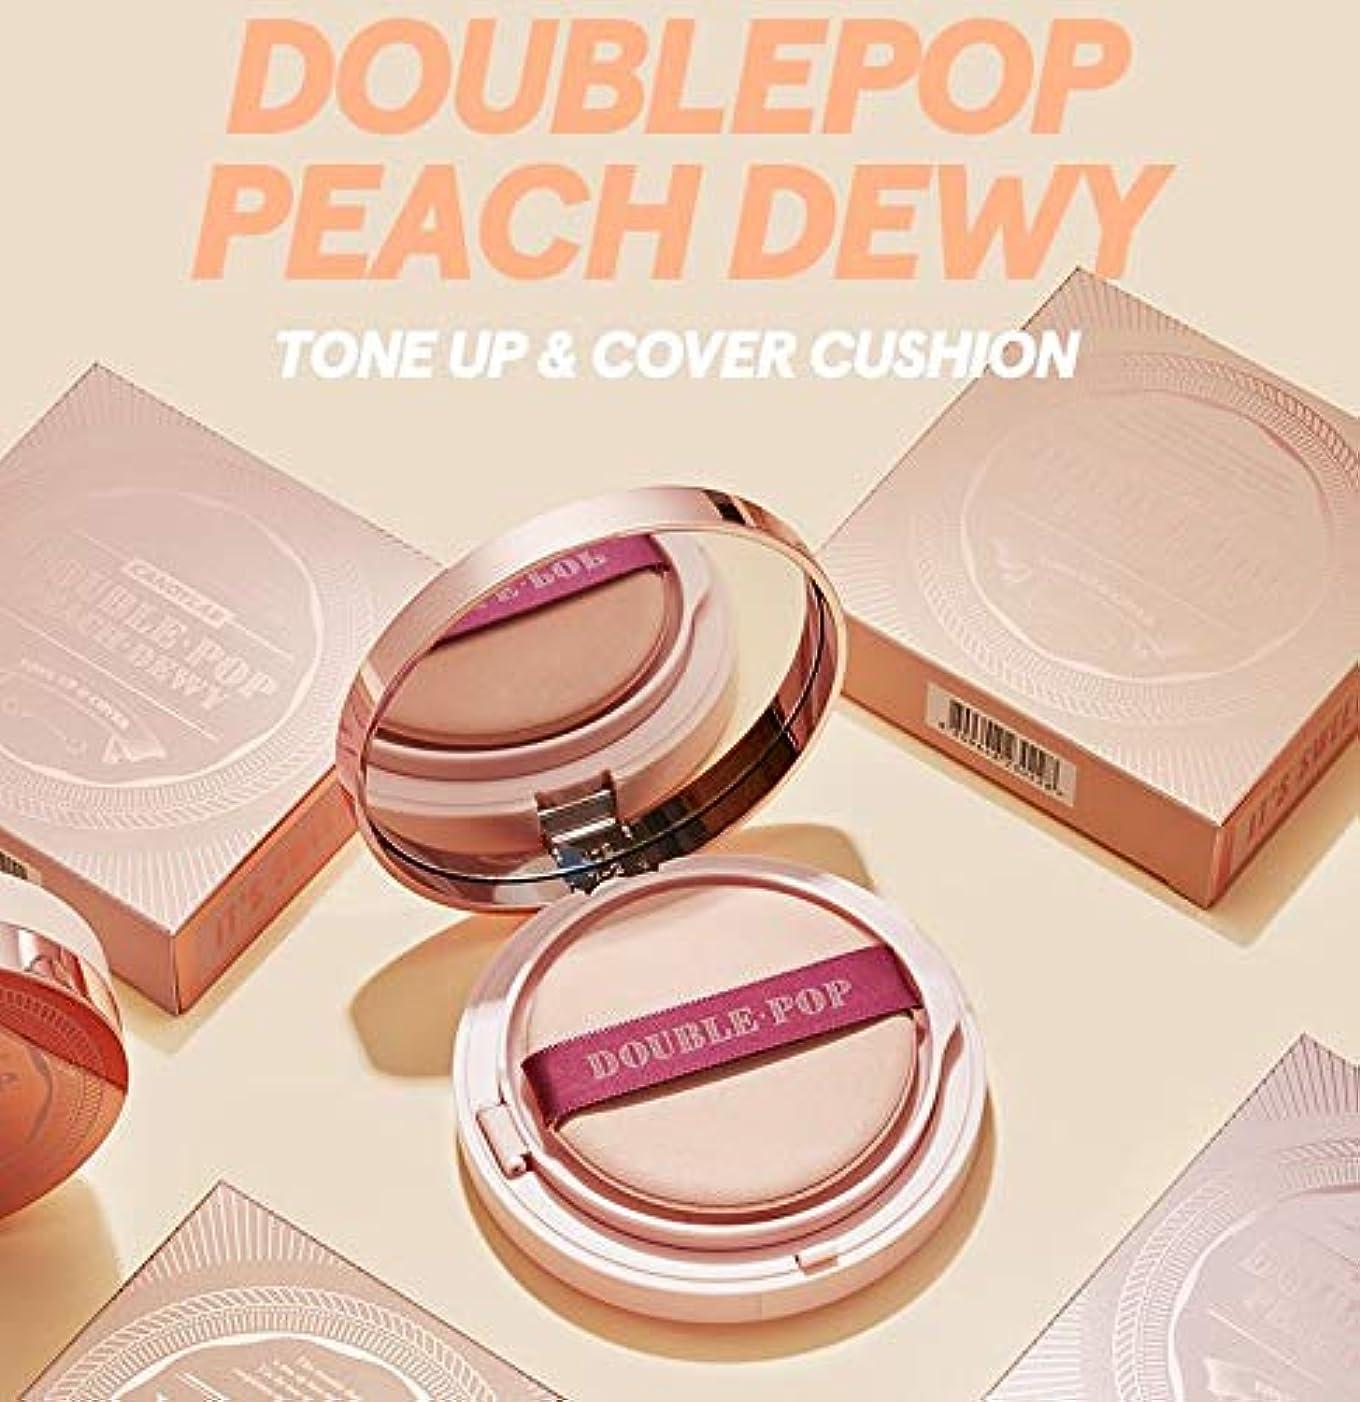 屈辱する法令なぜ【キャンディラボ公式ストア】Doublepop Peach Dewy Cushion/ダブルポップピーチ クッションファンデ/正品?海外直送商品 [並行輸入品] (#17 Porcelain Peach)